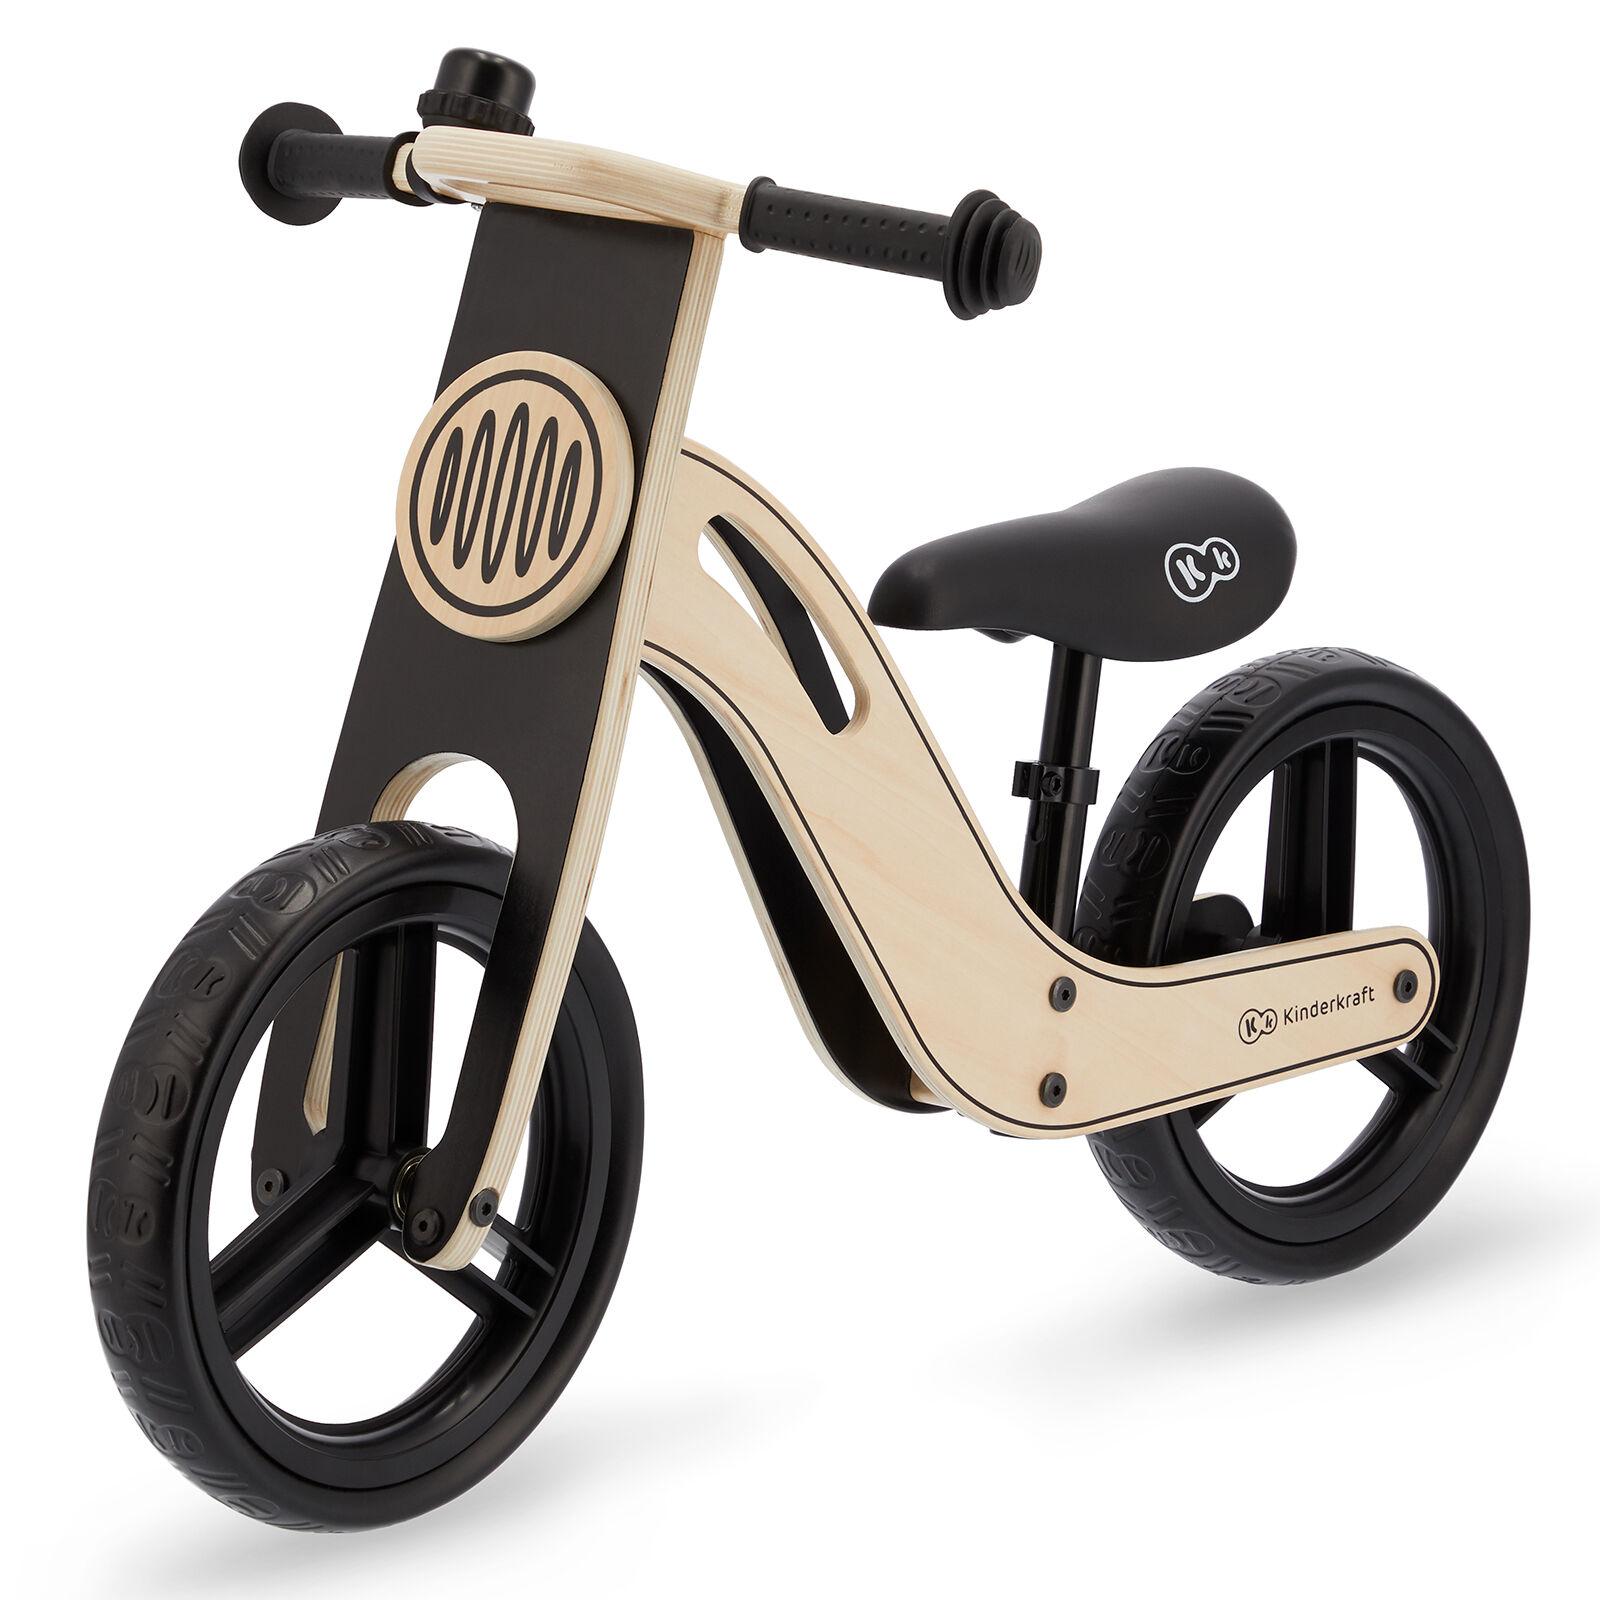 Kinderkraft Uniq Wooden Balance Bike - Natural